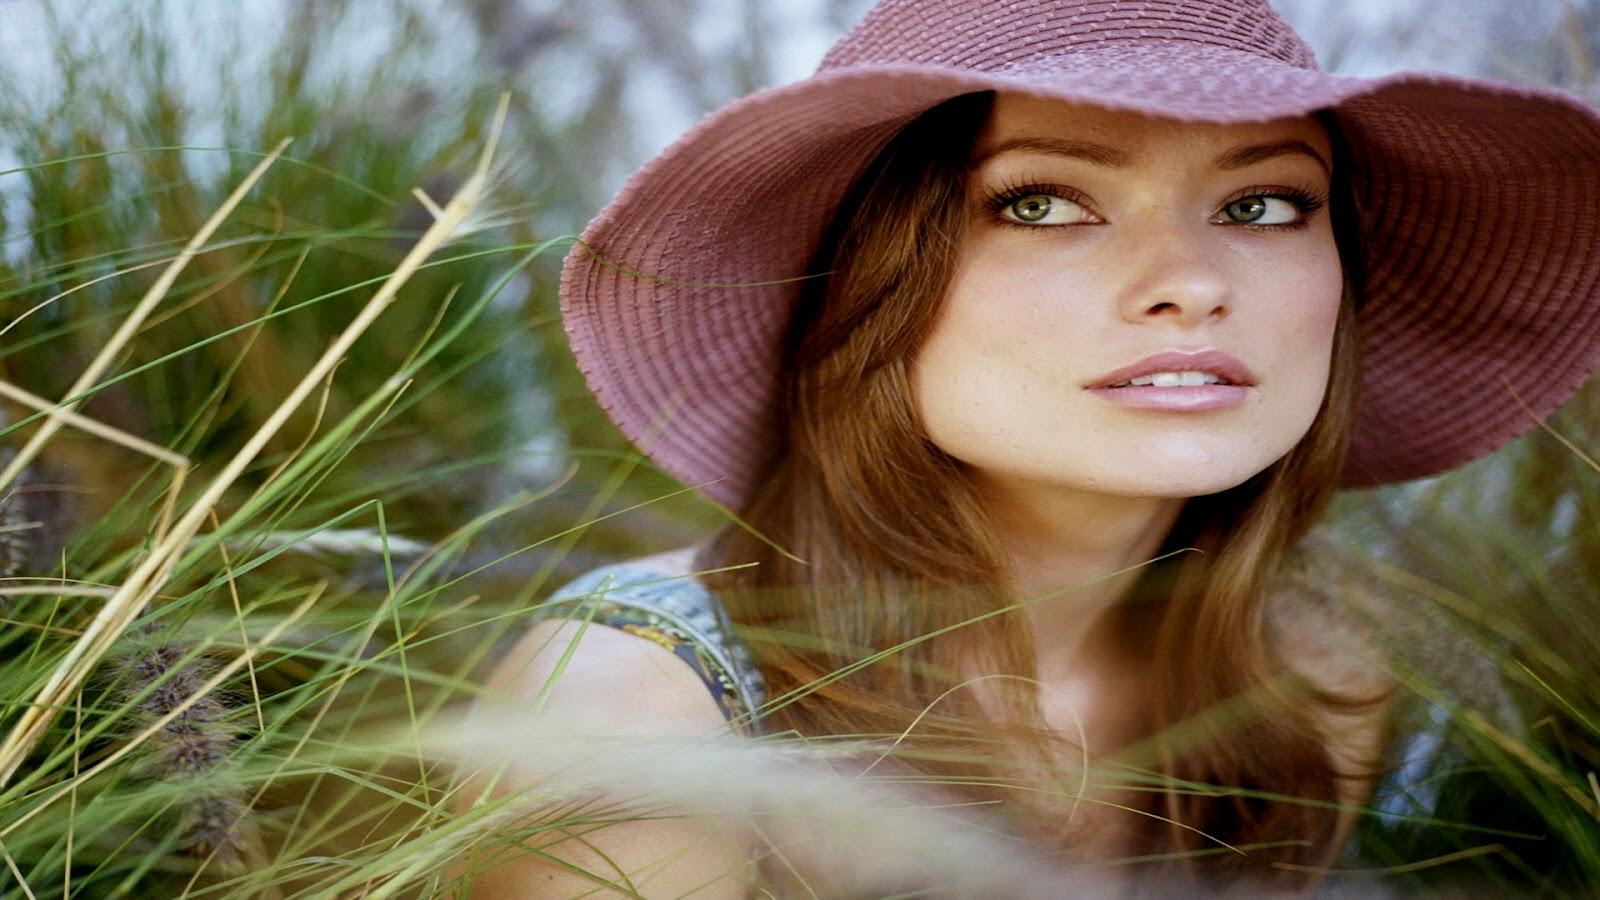 http://3.bp.blogspot.com/-tlL5zjOImBQ/UB-Q2F1o2PI/AAAAAAAALNw/f1e6_FE34XM/s1600/Olivia-Wilde-Wallpapers-17.jpg